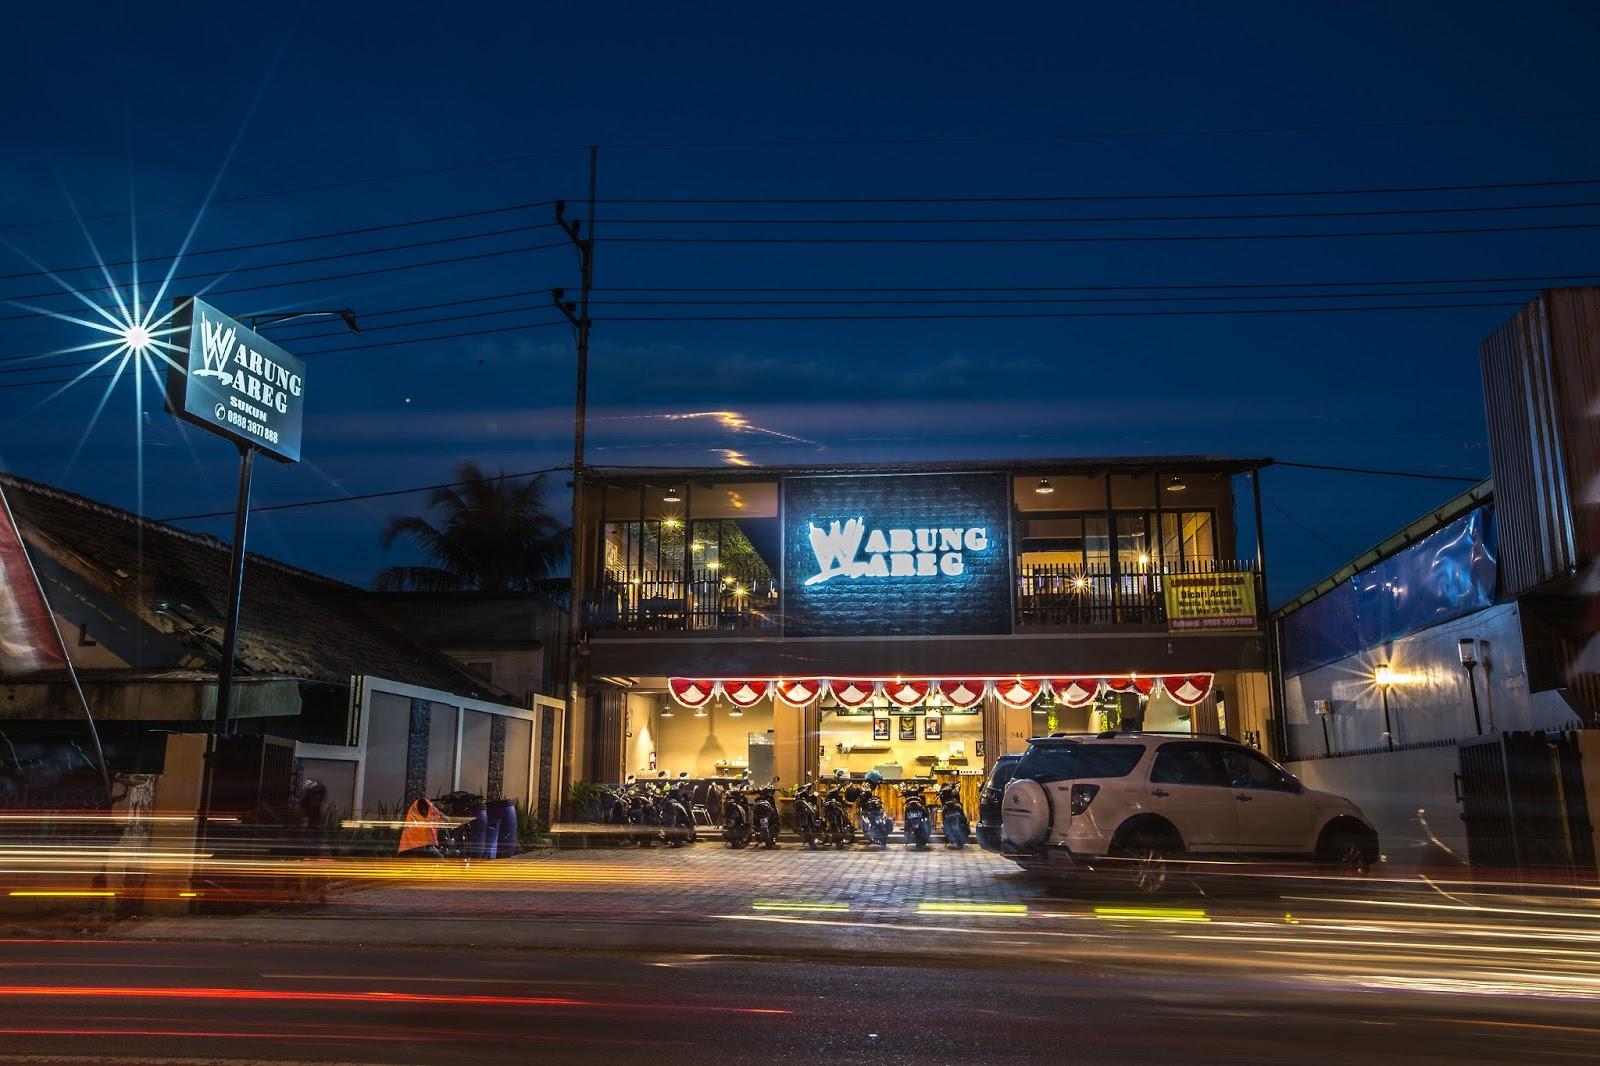 Wisata Kota Batu Malang Rumah Makan Warung Wareg